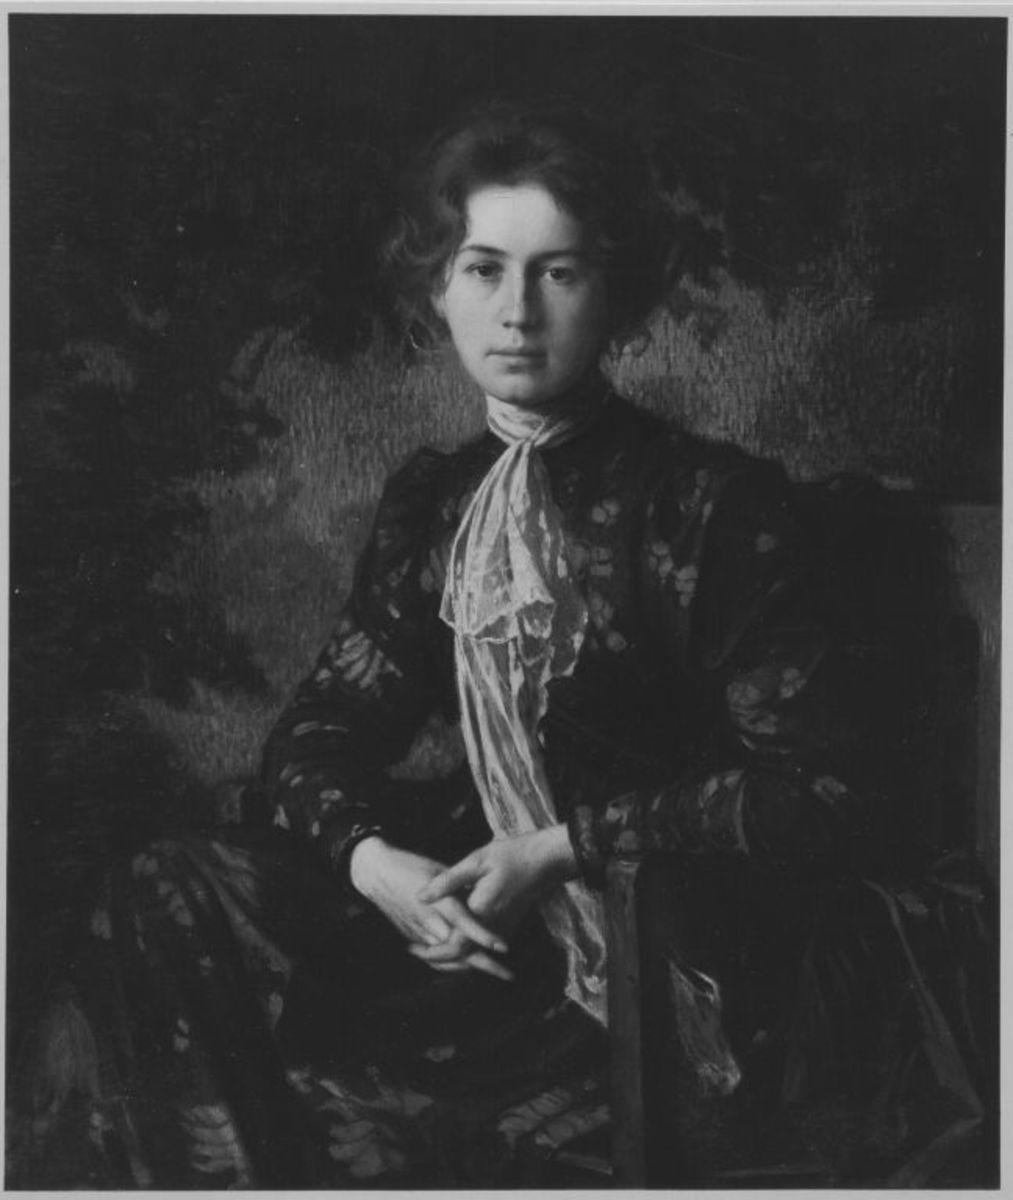 Rosa Blos, die Frau des Künstlers